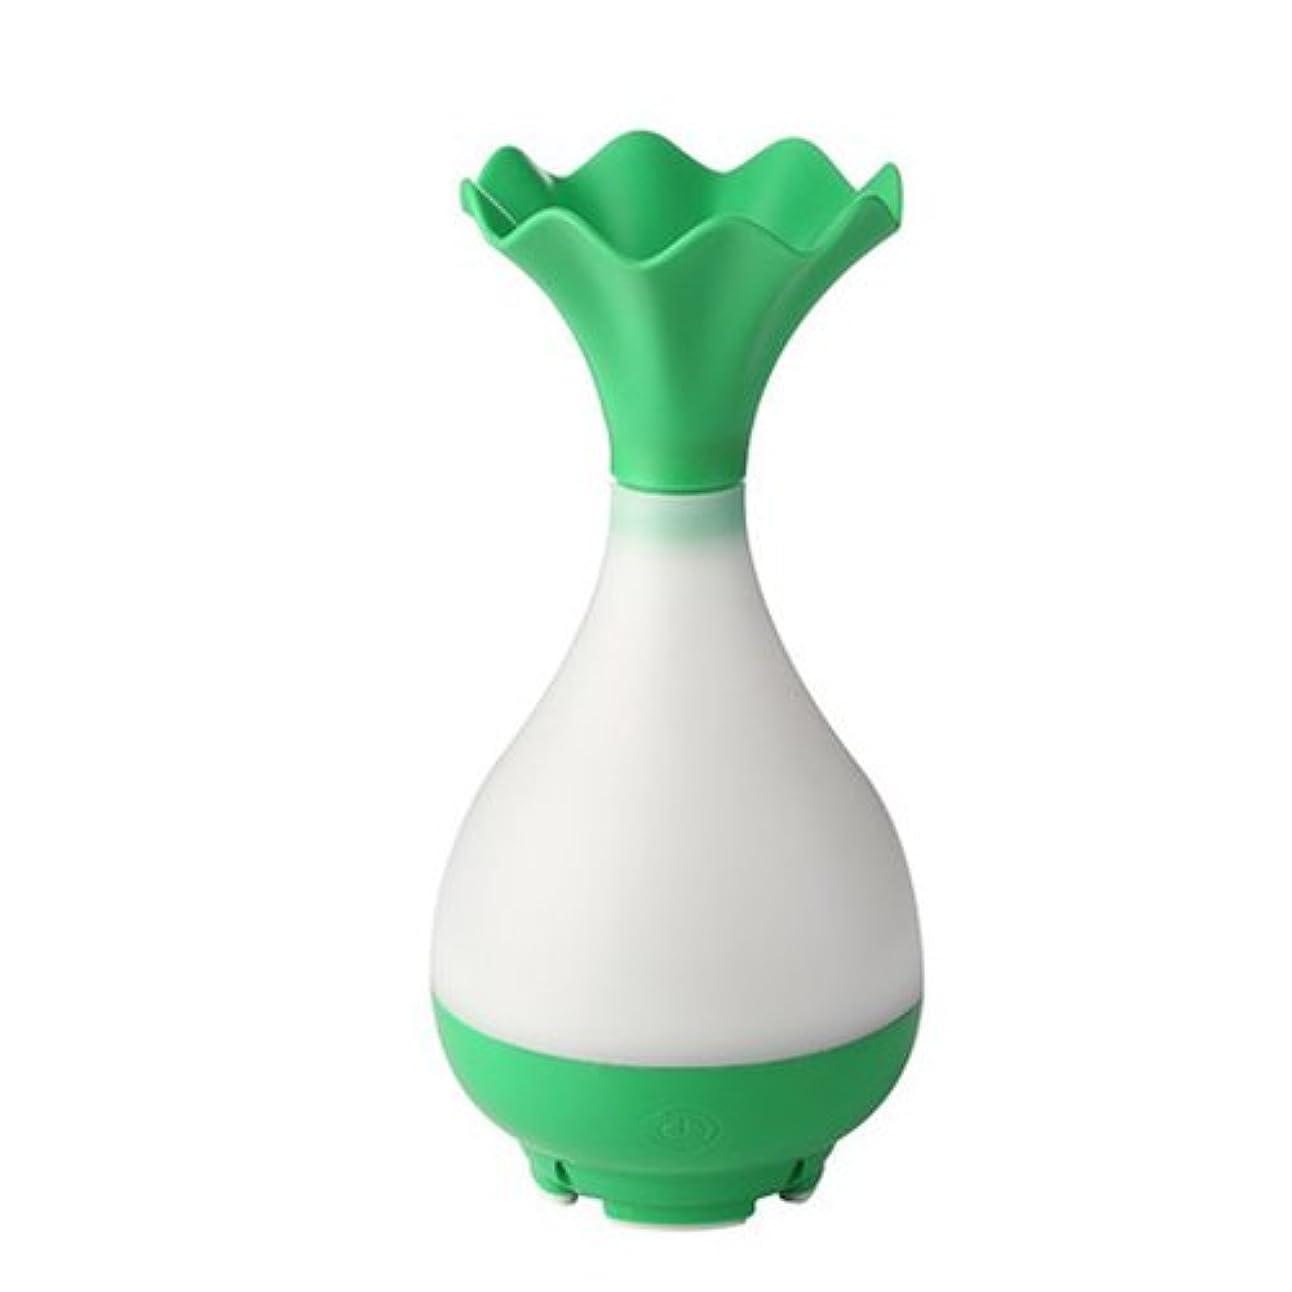 規定微妙洗練Mystic Moments | Green Vase Bottle USB Aromatherapy Oil Humidifier Diffuser with LED Lighting